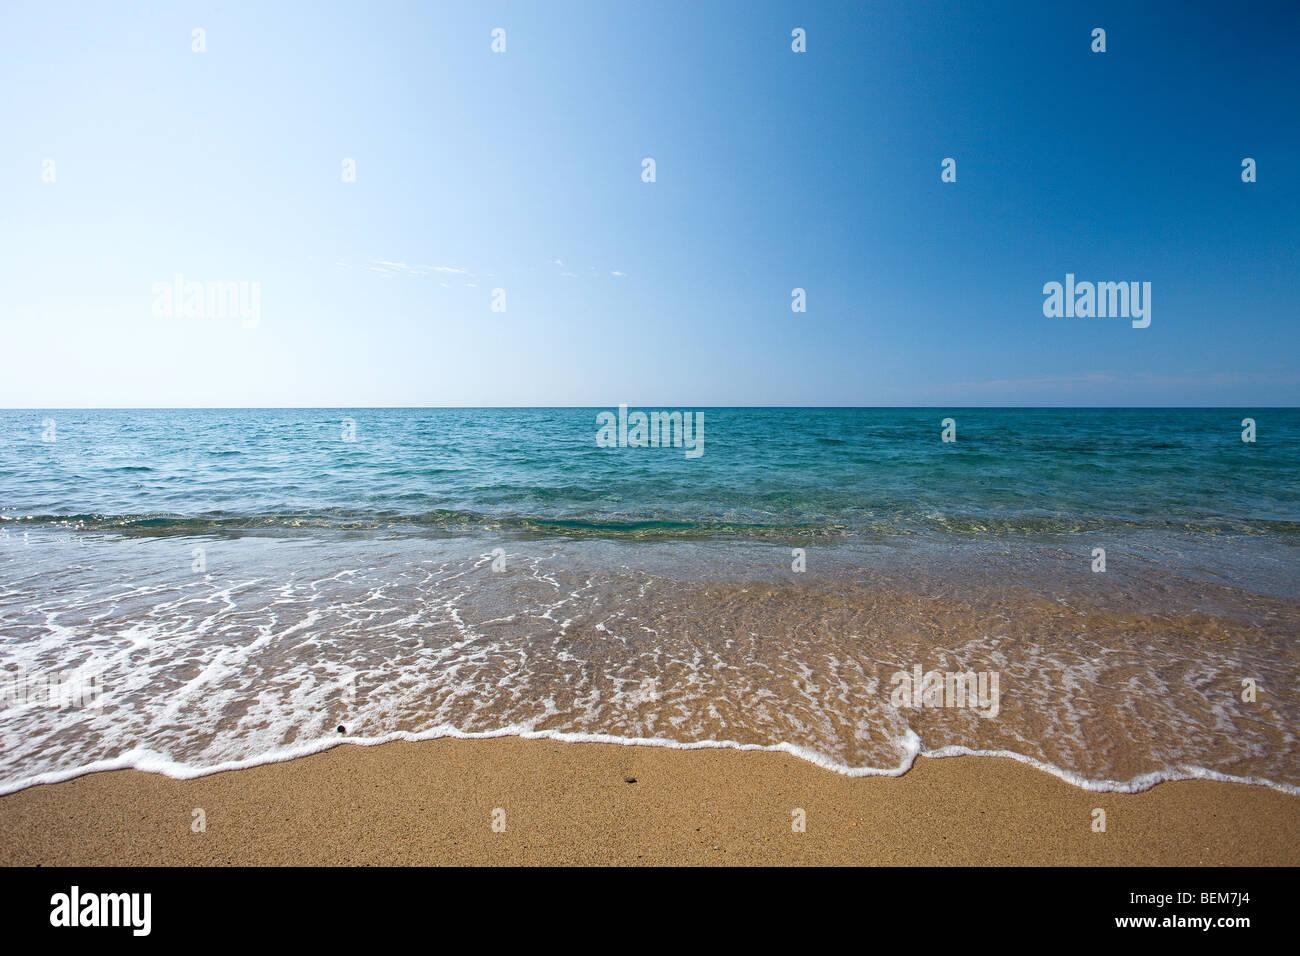 Spiaggia Di Piscinas E La Sua Sabbia Le Dune Vicino A Arbus Medio